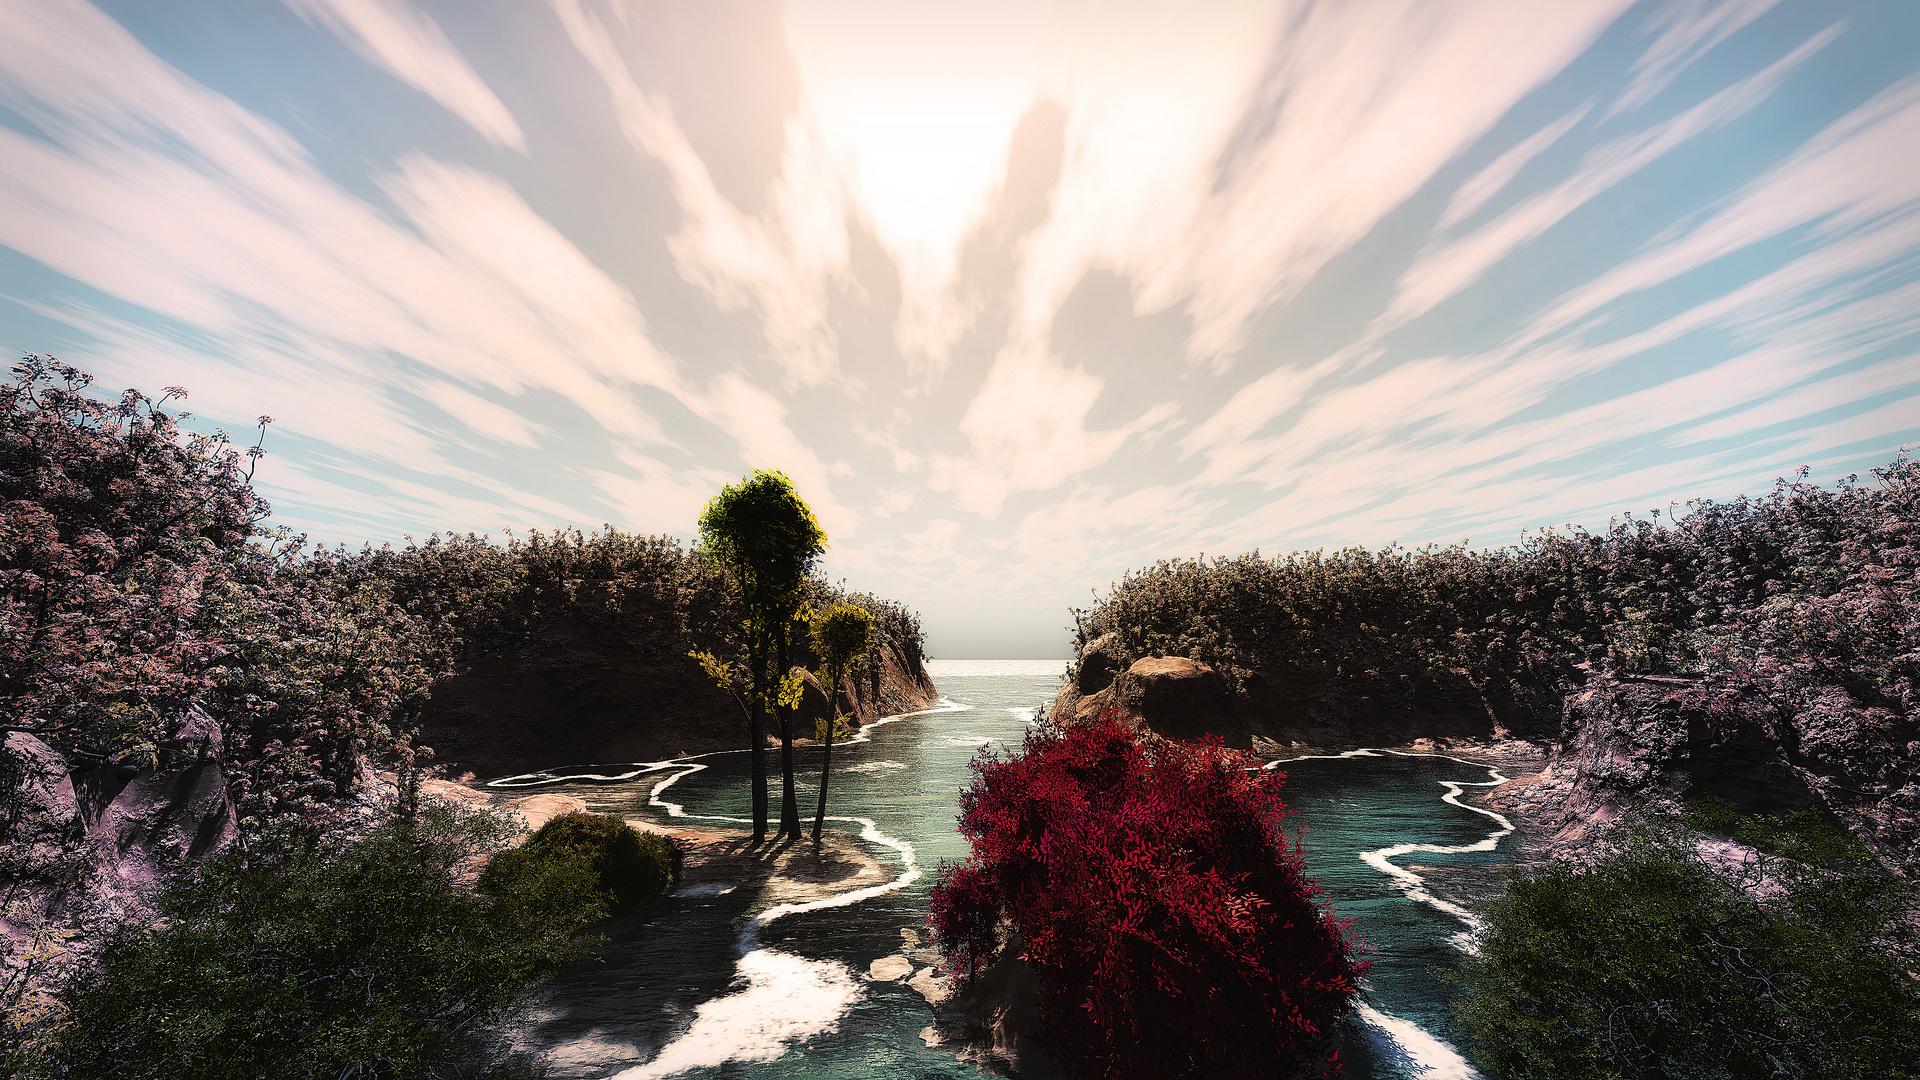 landscape_11